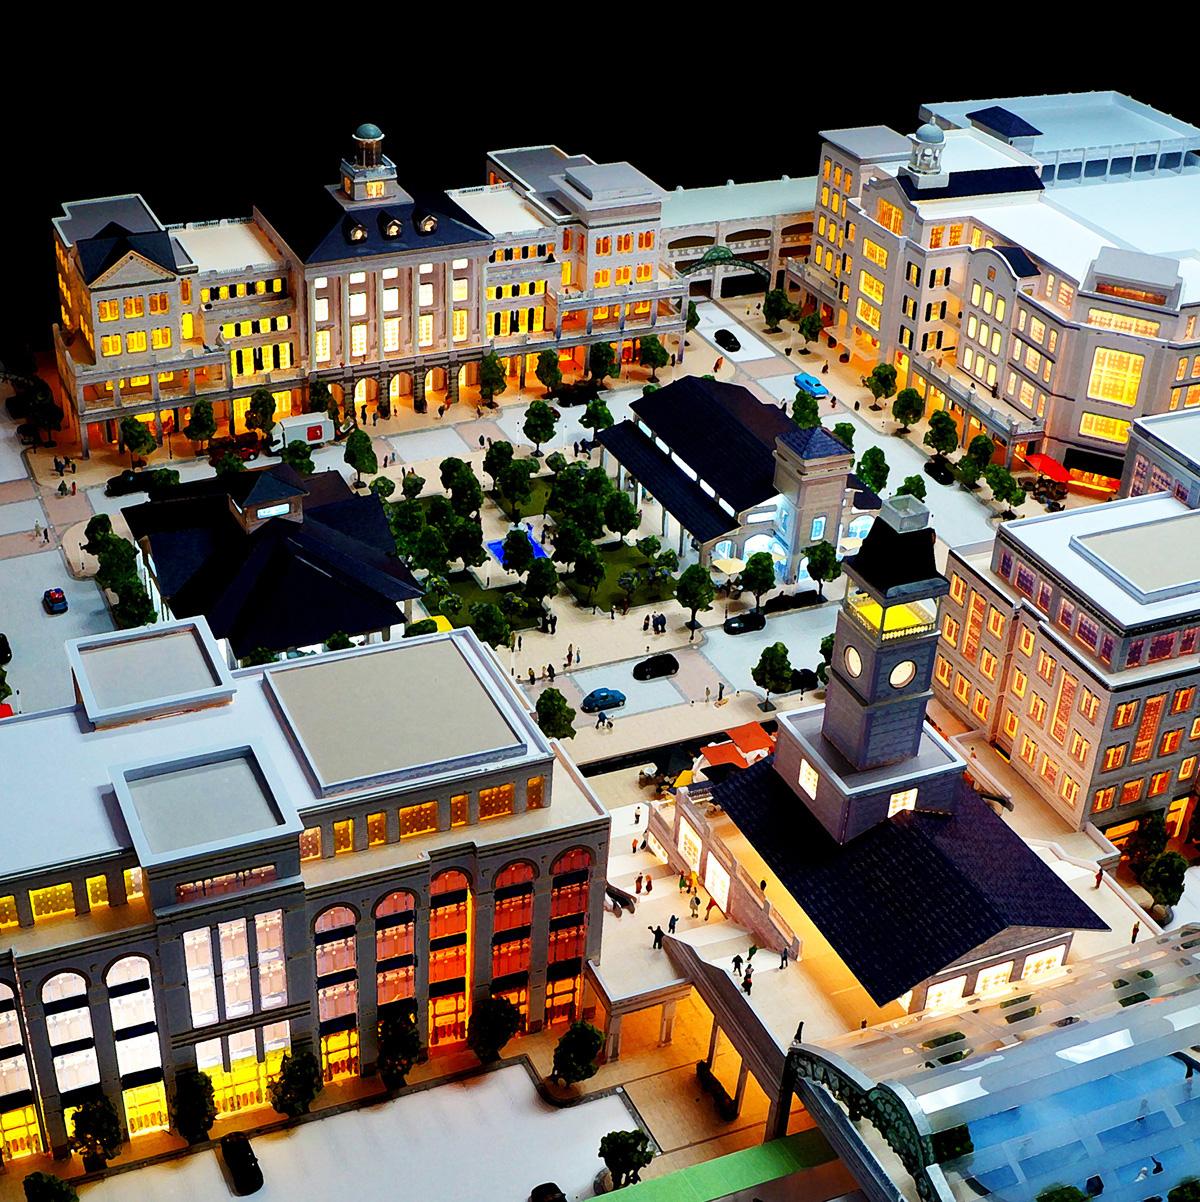 Ronknokoma Station Square Design Architects